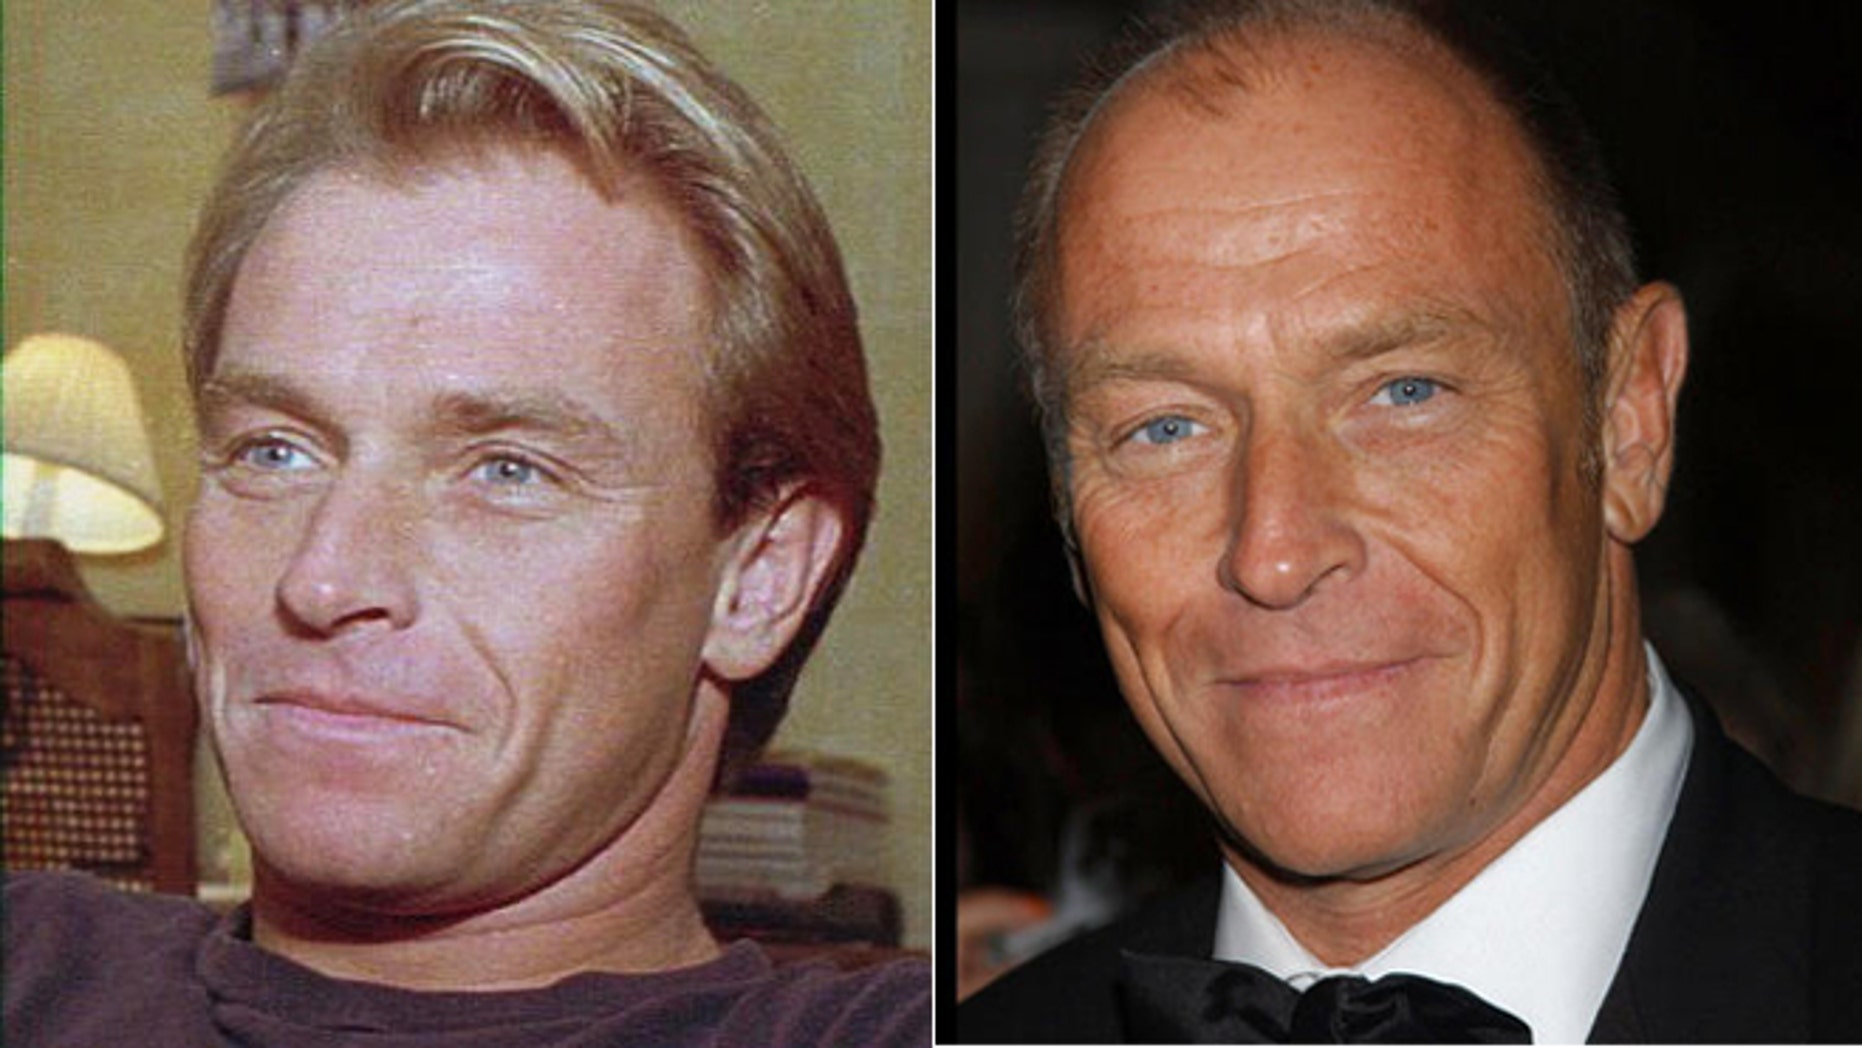 Actor Corbin Bernsen poses in 1985, left, and 2005.